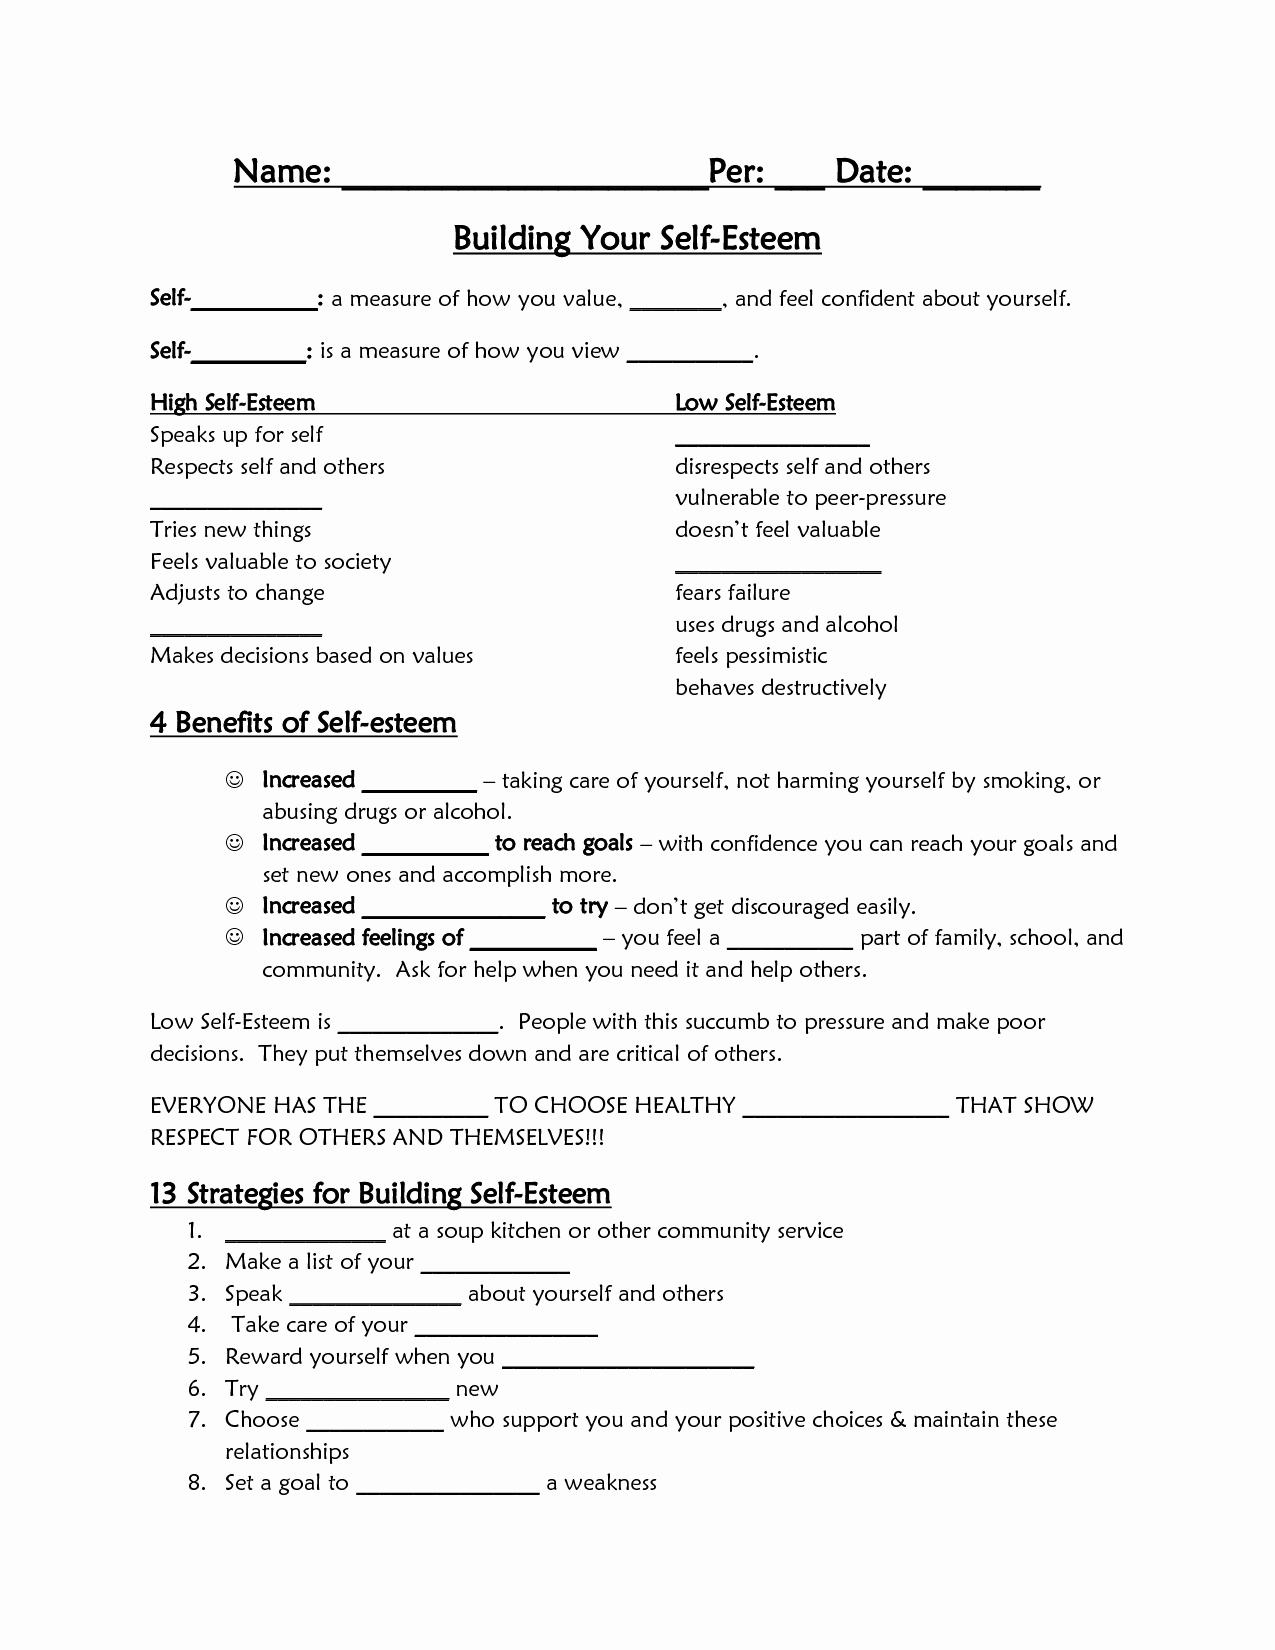 Self Esteem Activities Worksheets Luxury Printable Self Esteem Worksheets for Teenagers